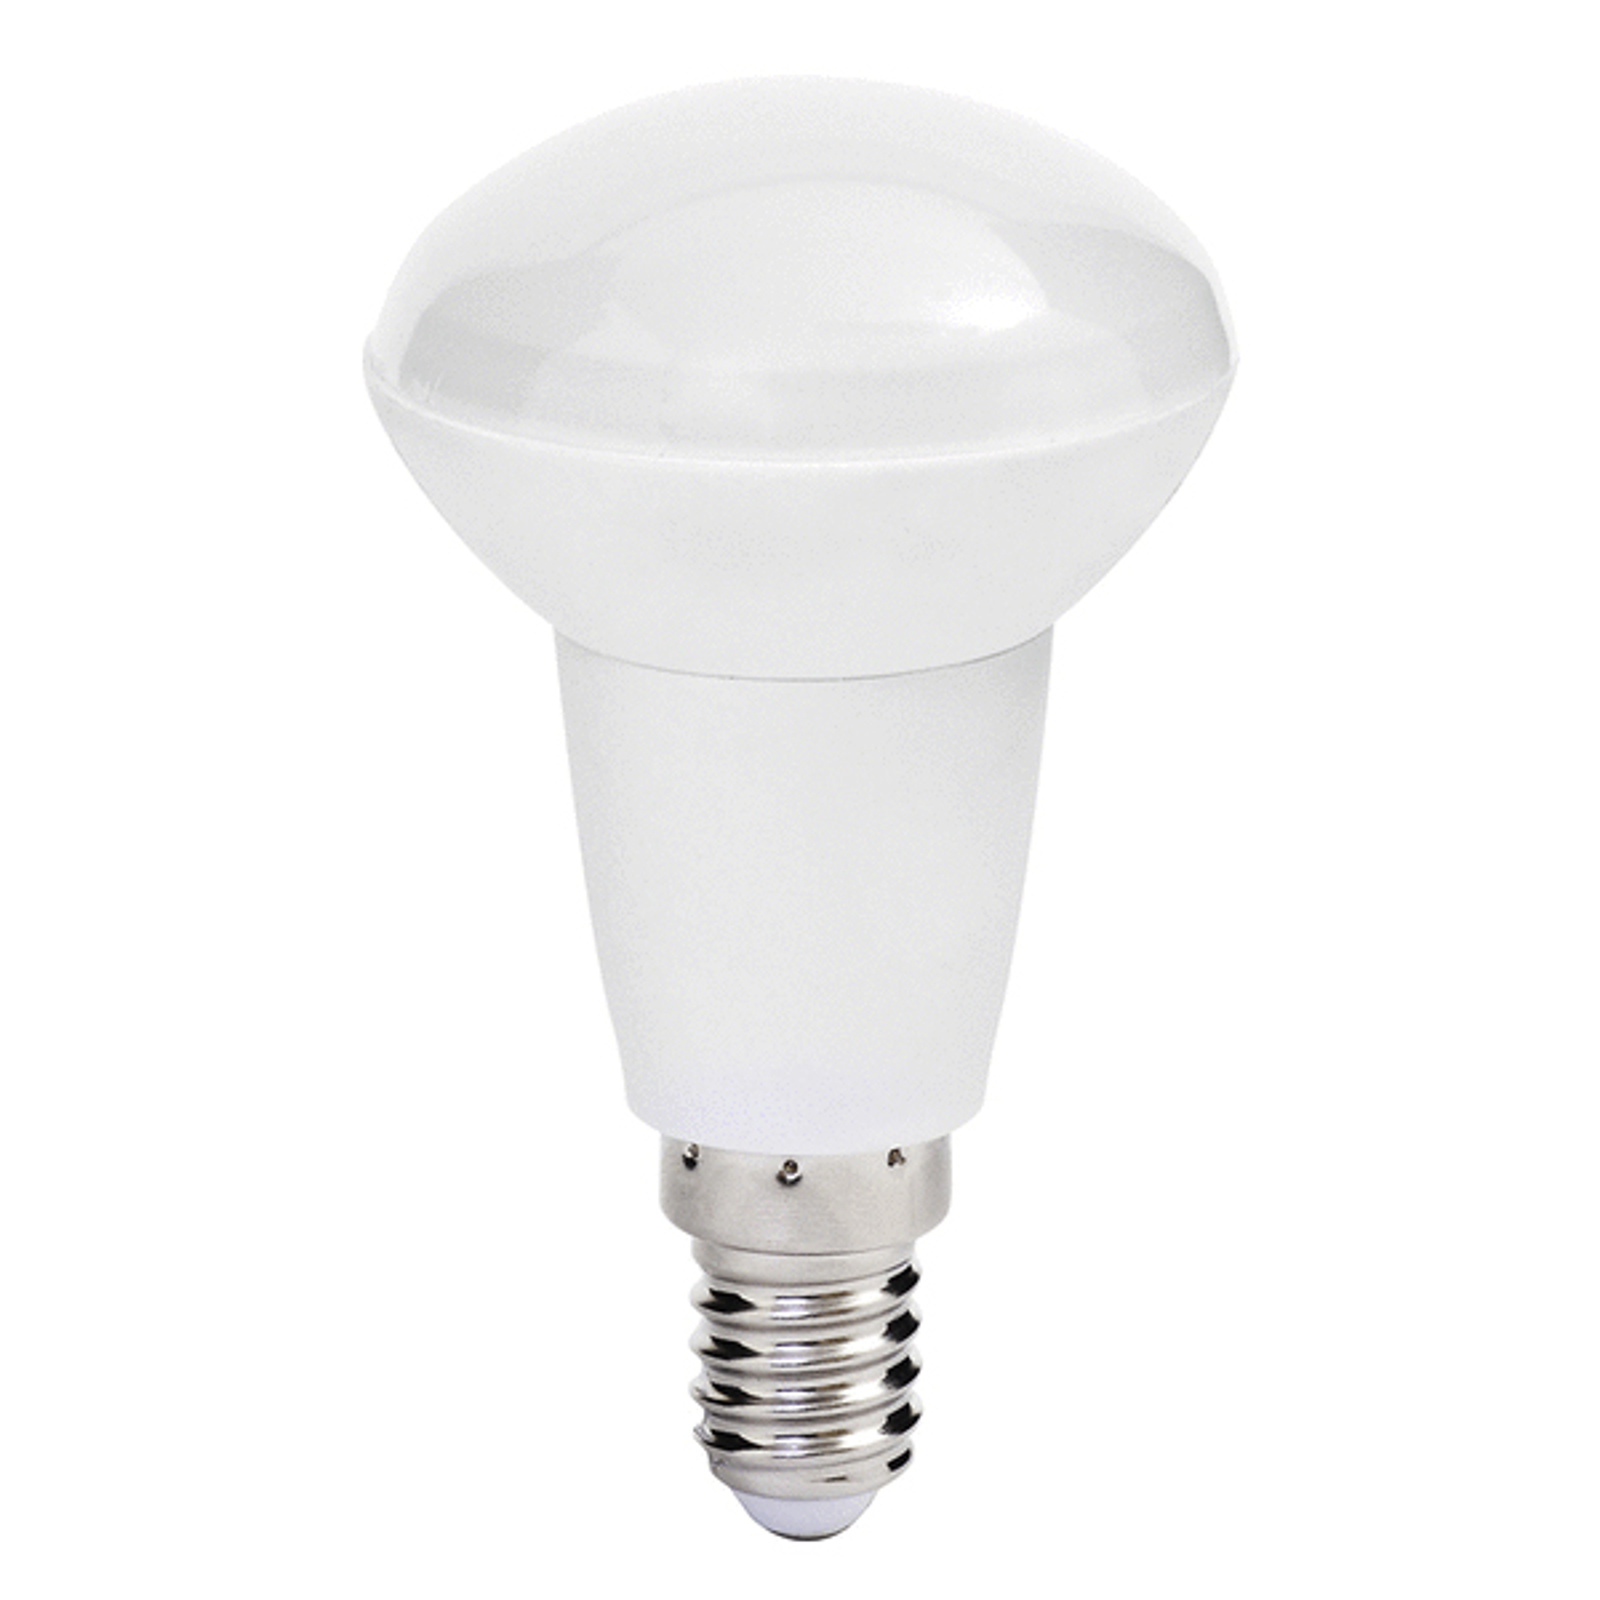 Żarówka reflektorowa LED E14 6 W 827 R50